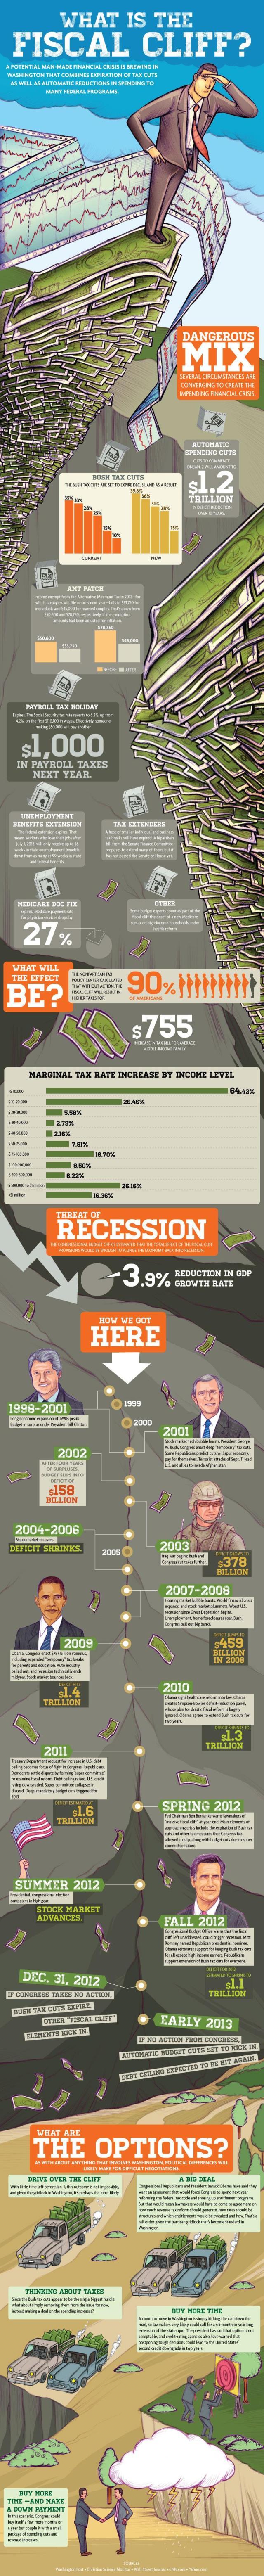 Dec28_Fiscal Cliff